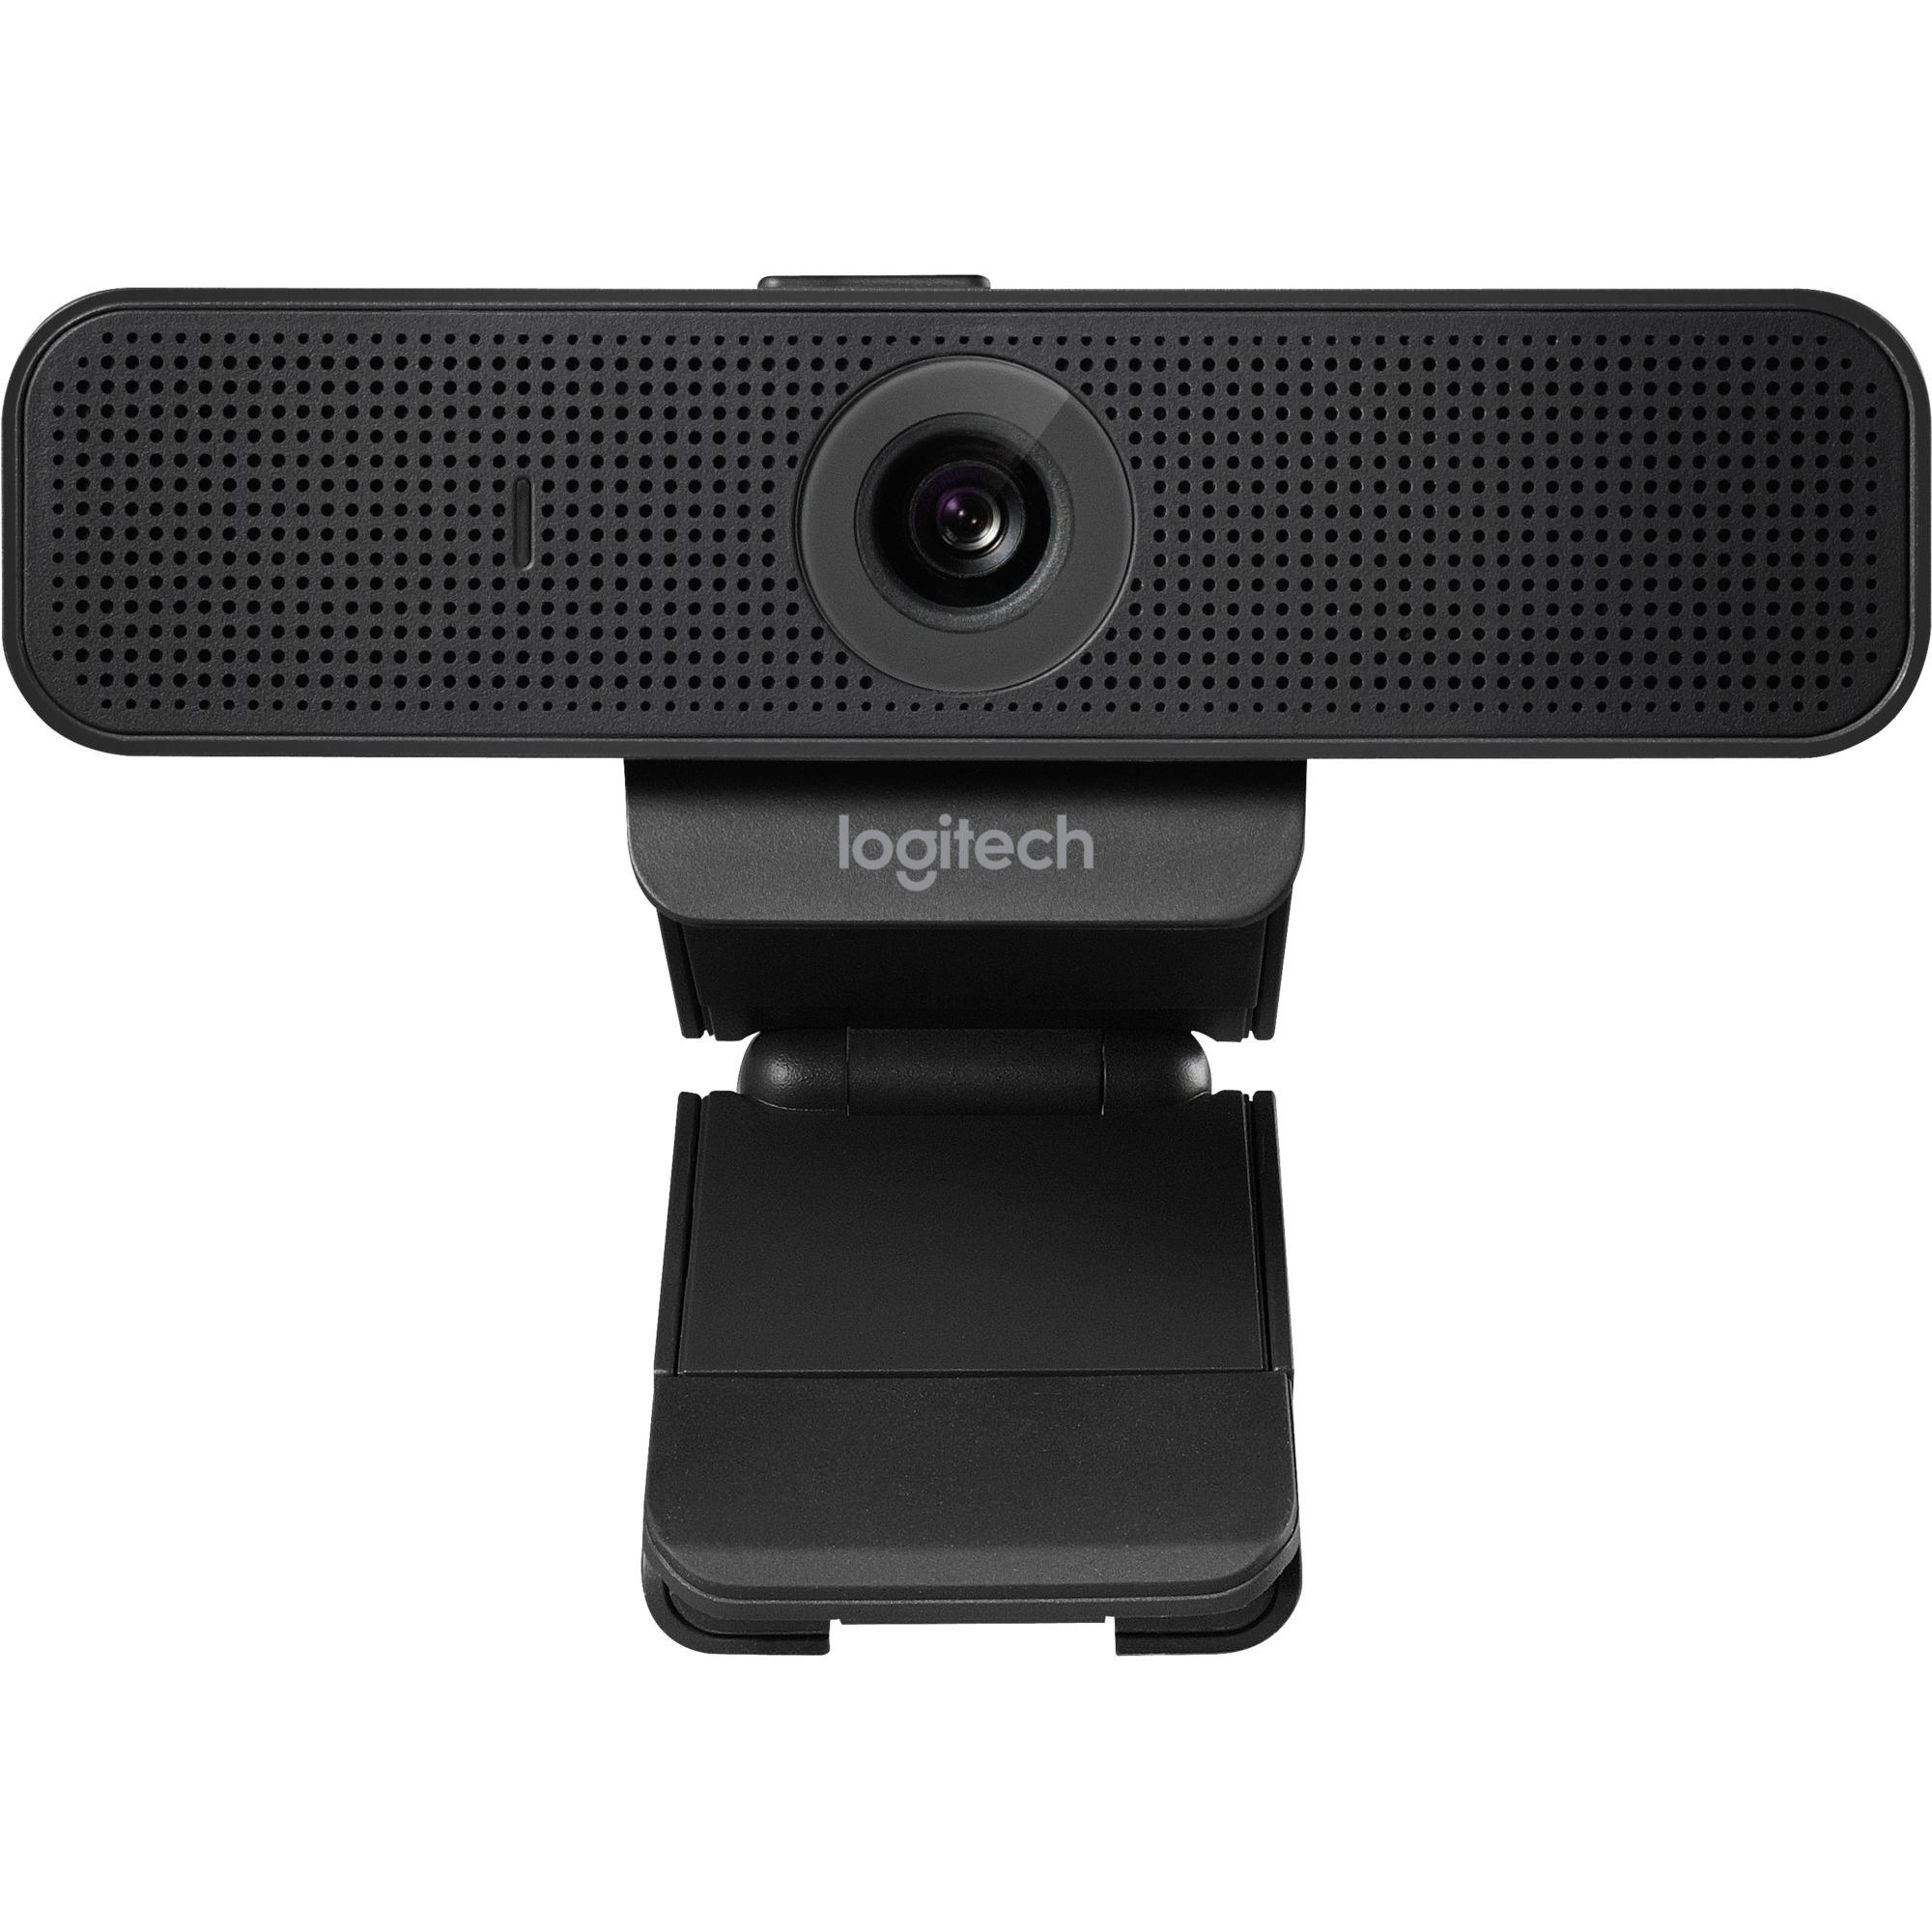 C925e 1920 x 1080Pixeles USB 2.0 Negro cámara web, Webcam